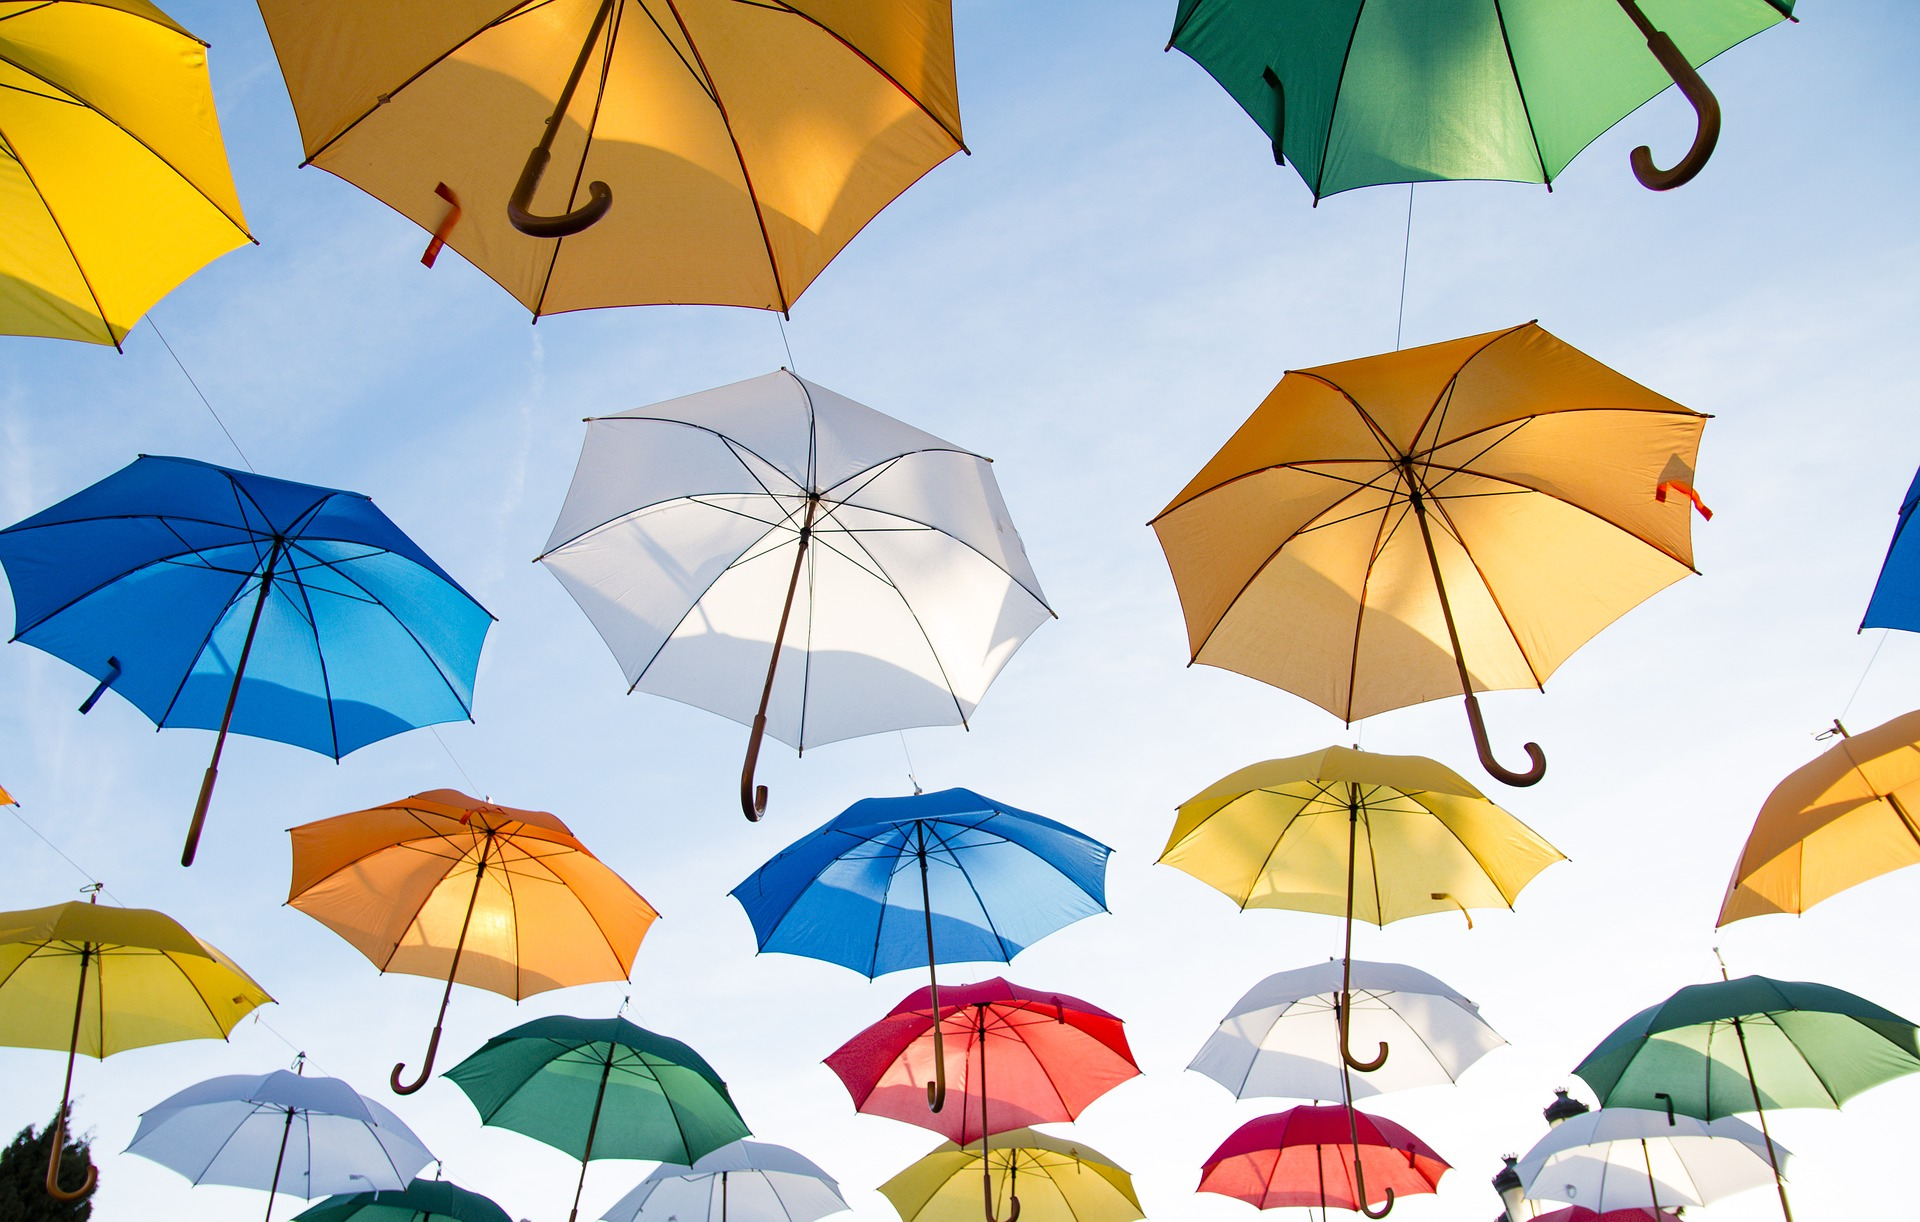 värikkäät sateenvarjot ilmassa